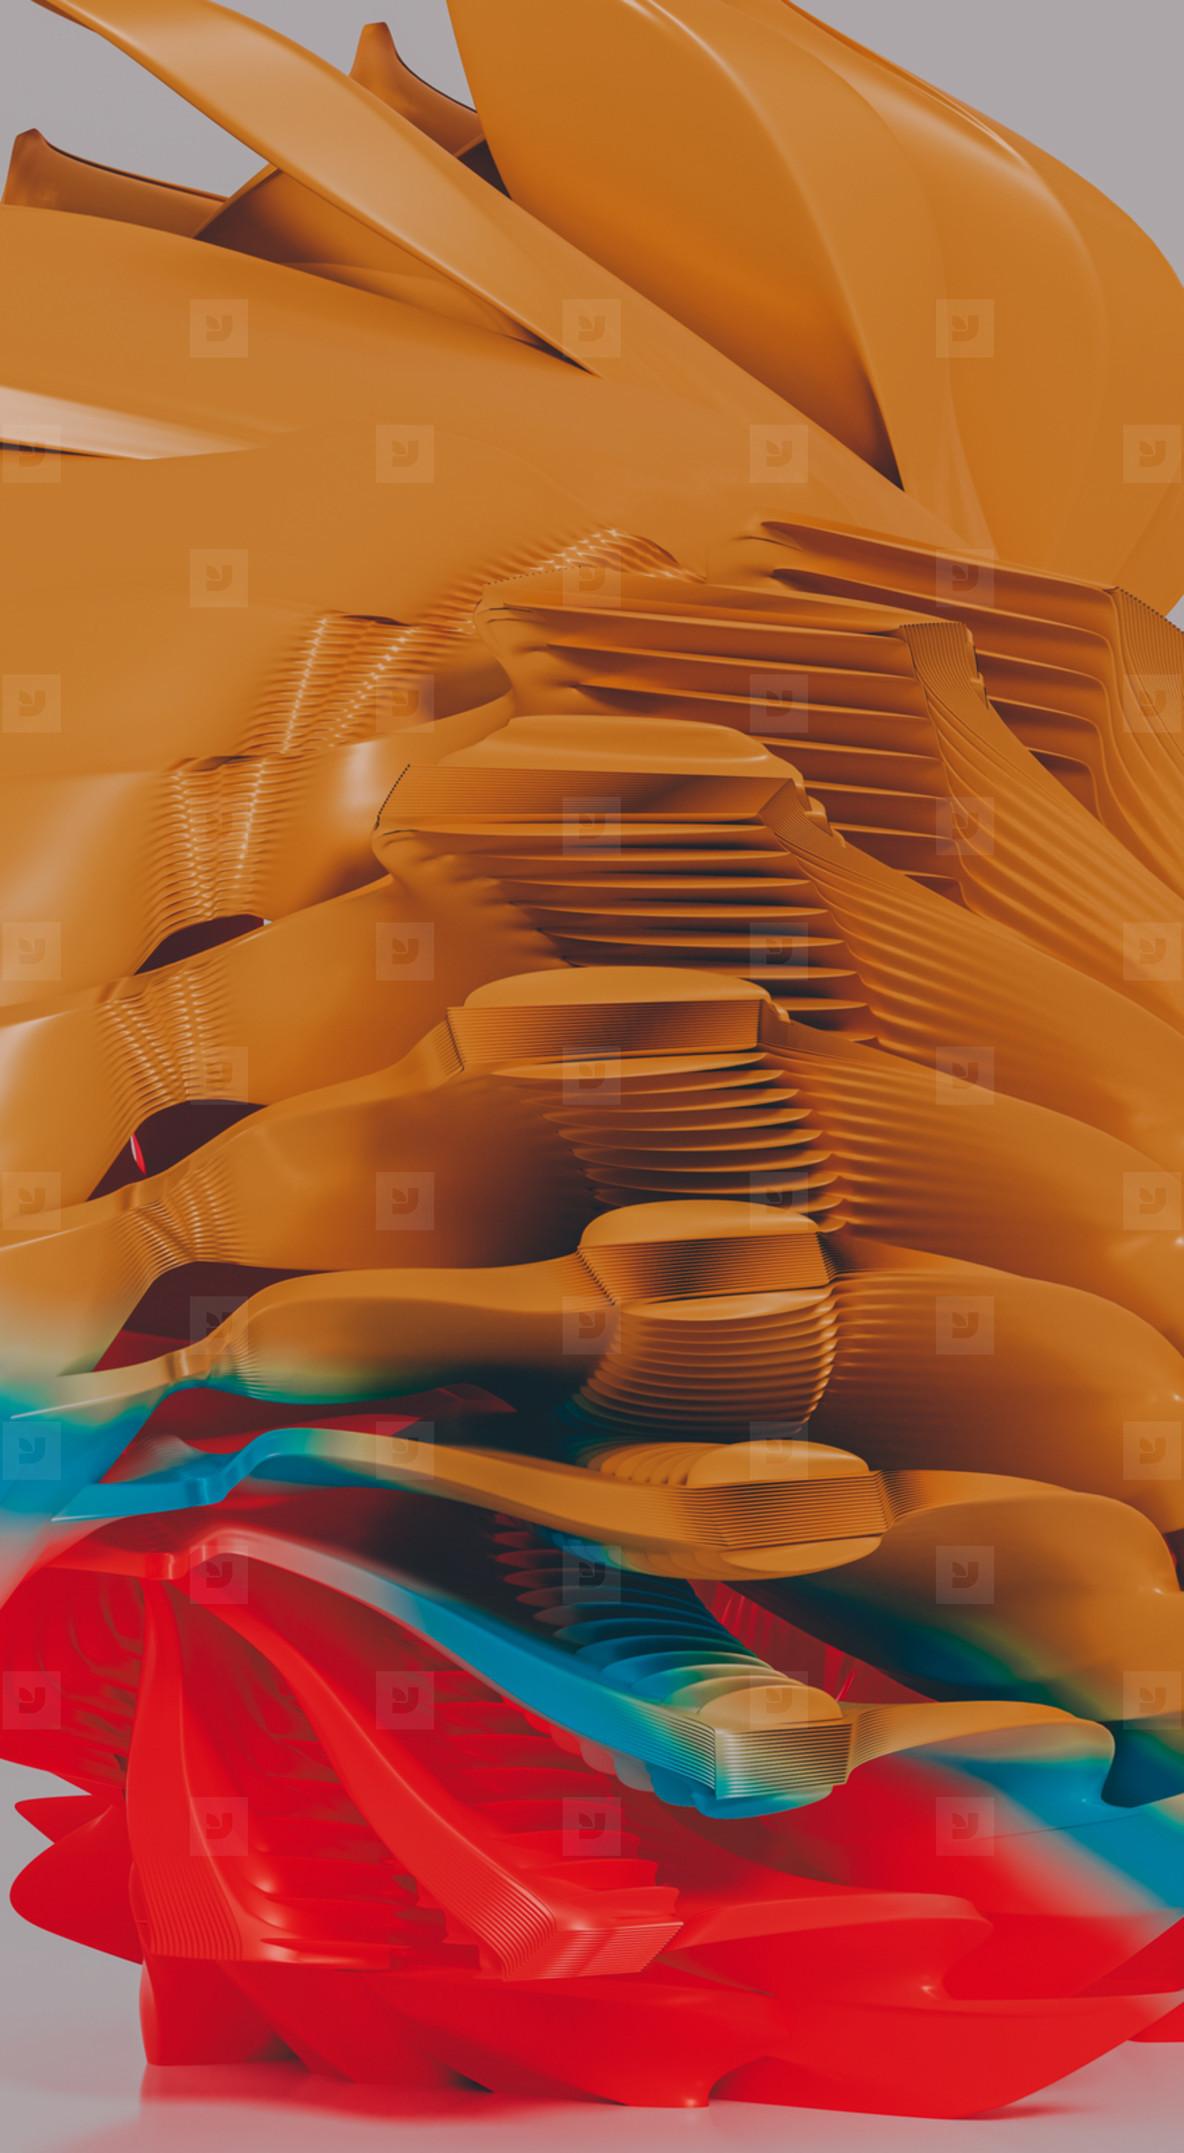 Vase Ripples 8